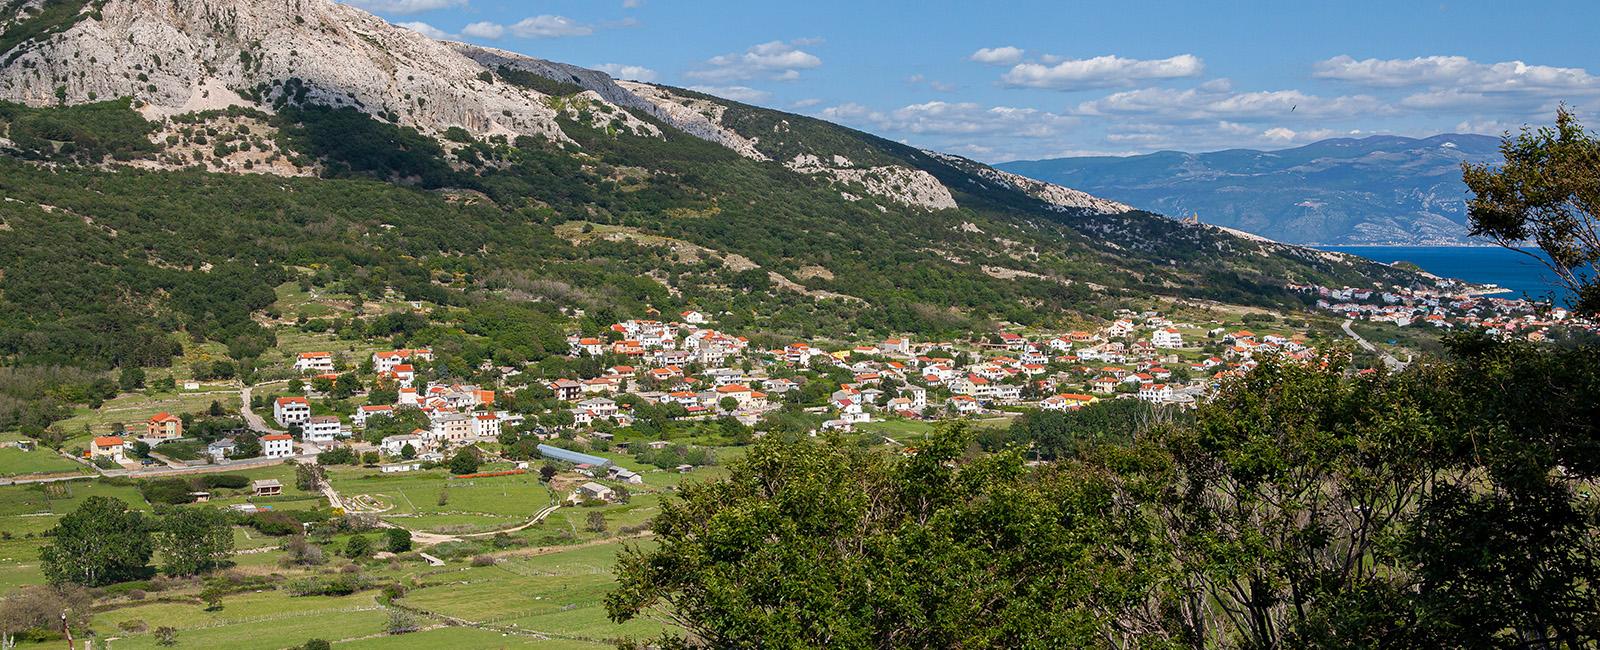 Naselje Baška - Općina Baška